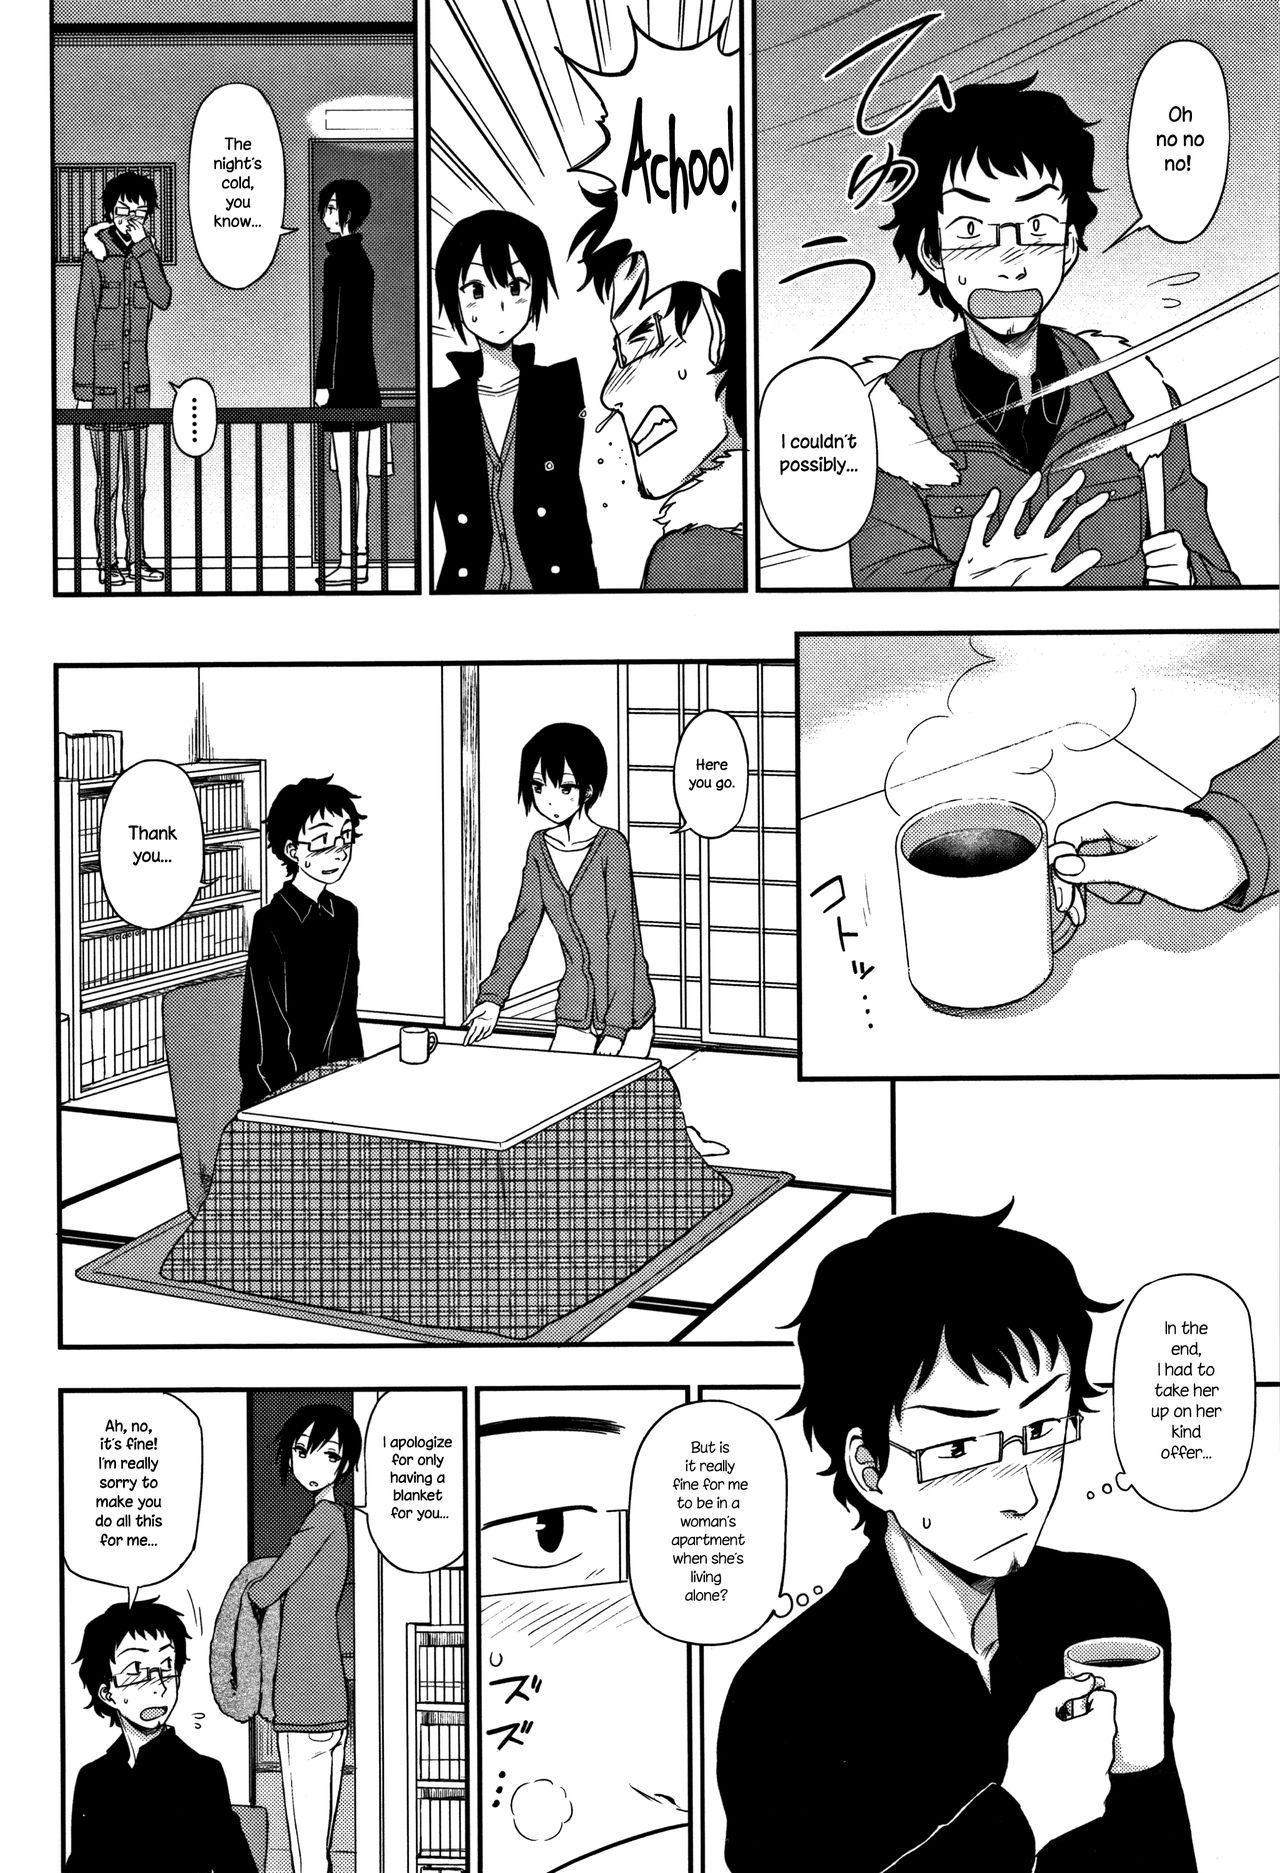 [Kumano Tooru] Otonari-san | Next-Door Neighbor (Kimochi Ii no ga Suki Nandesu) [English] {NecroManCr} 3